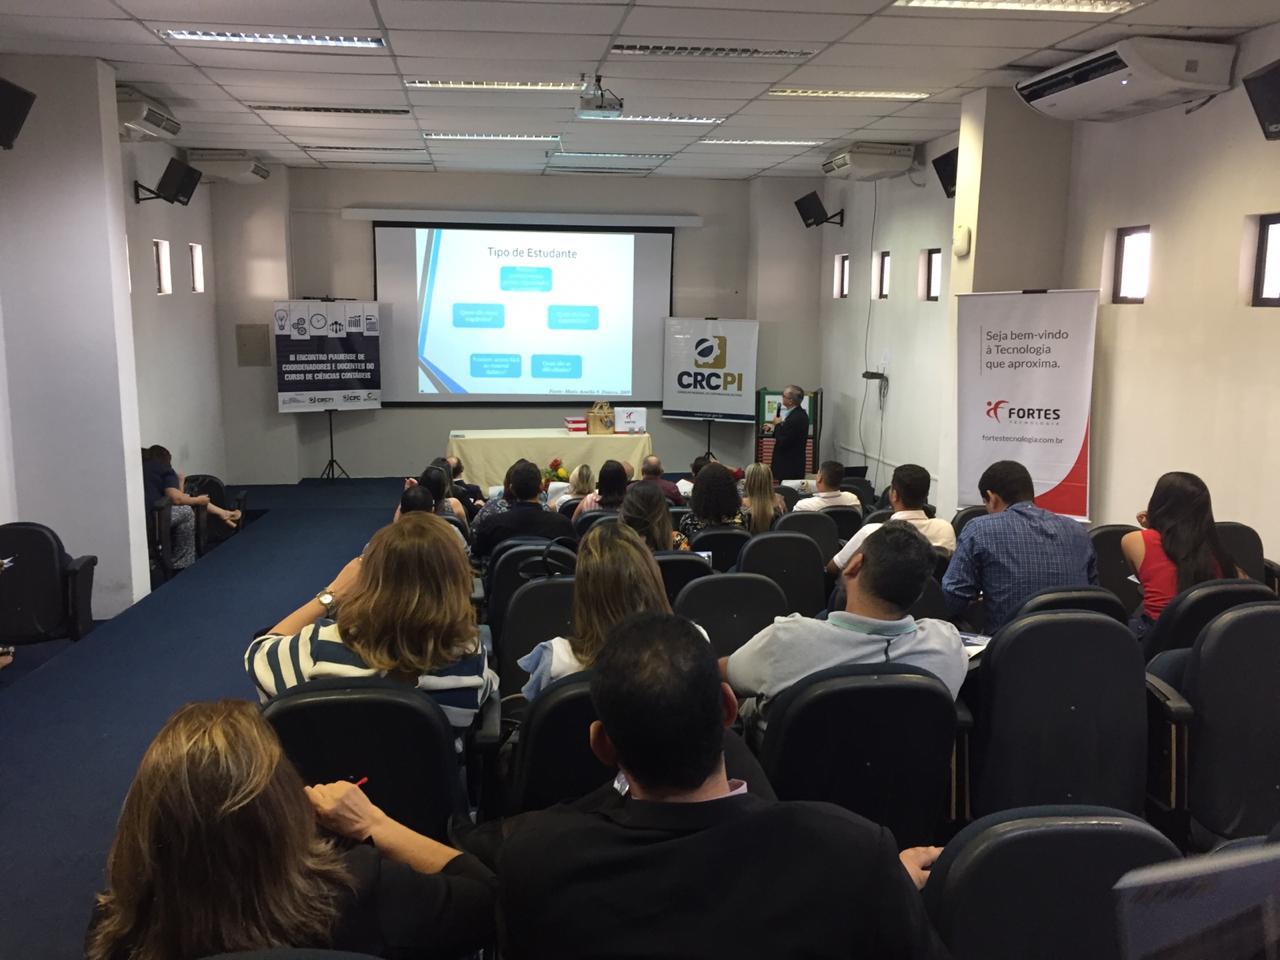 Conselho de Contabilidade do Piauí qualificou mais de 8 mil pessoas em 2018